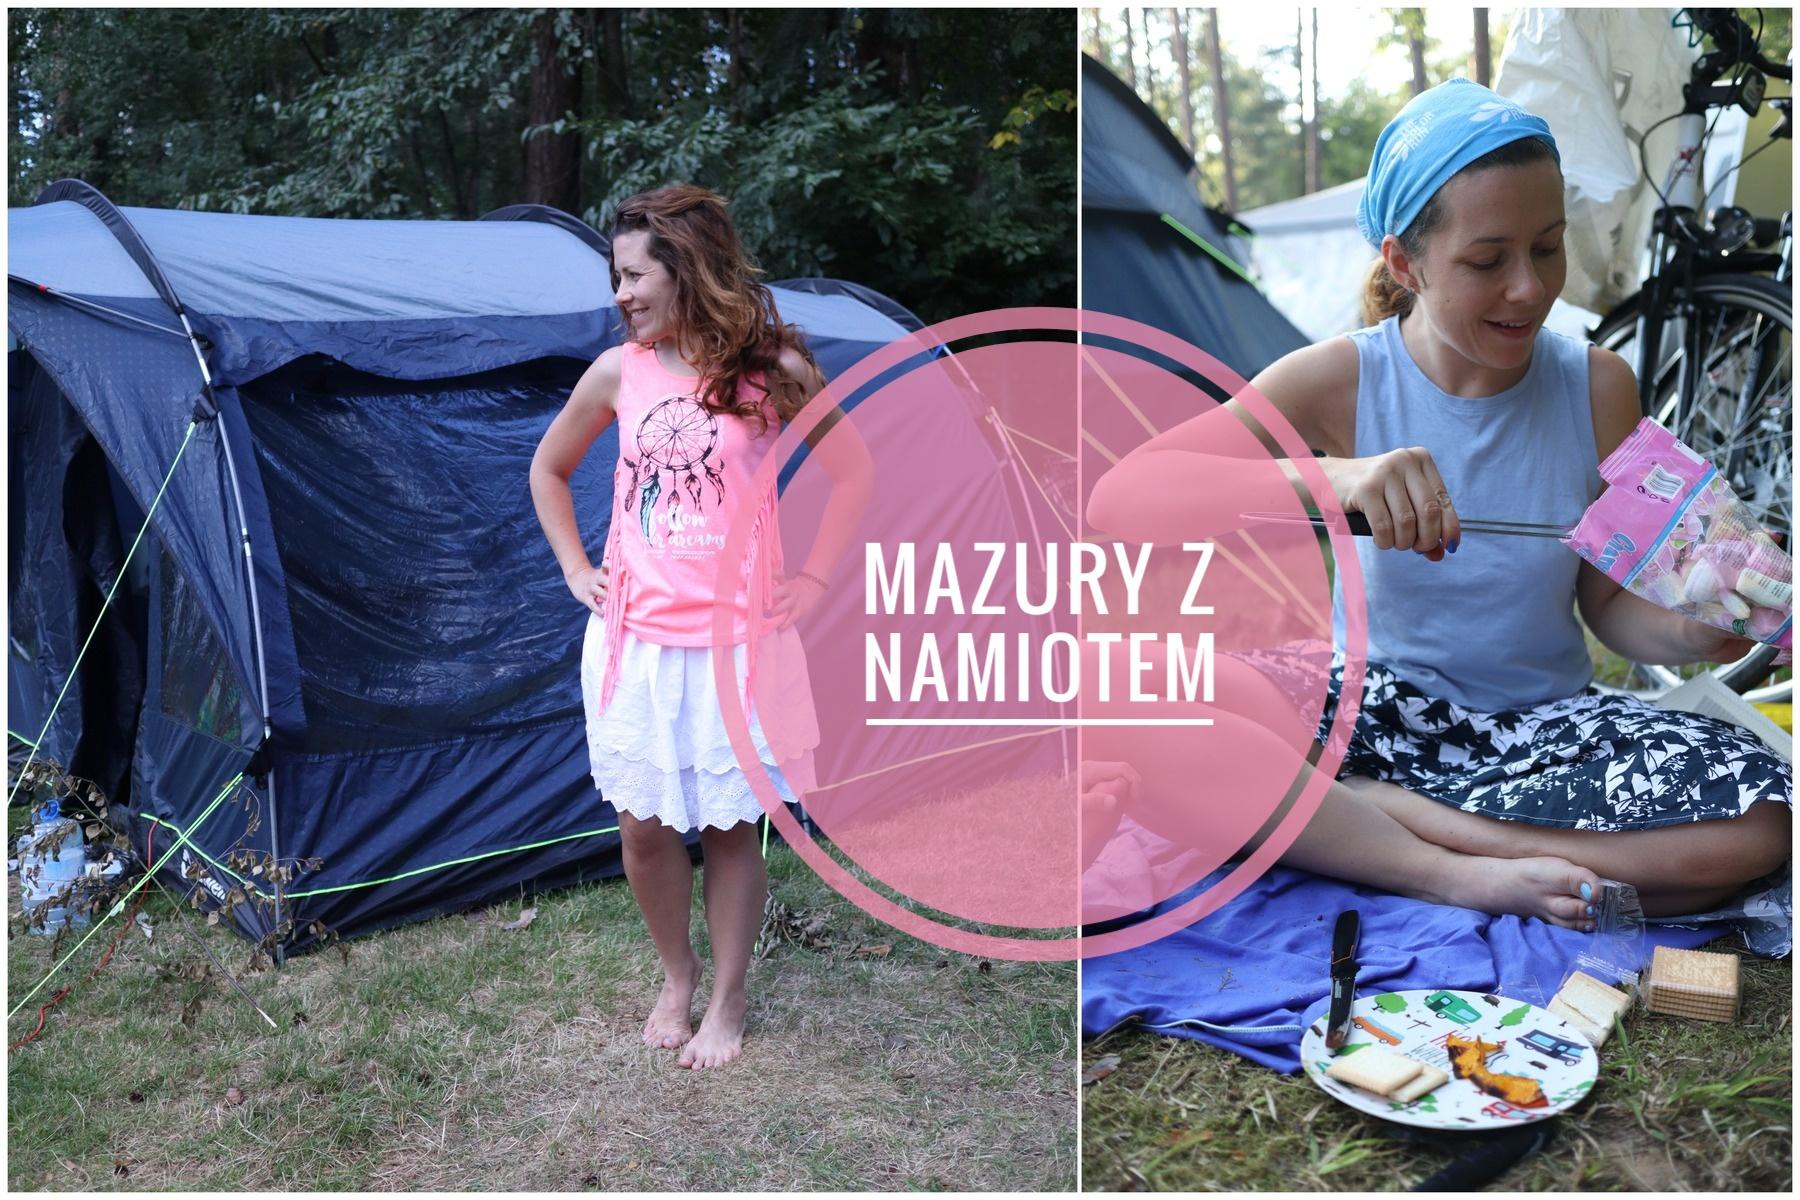 Mazury z namiotem